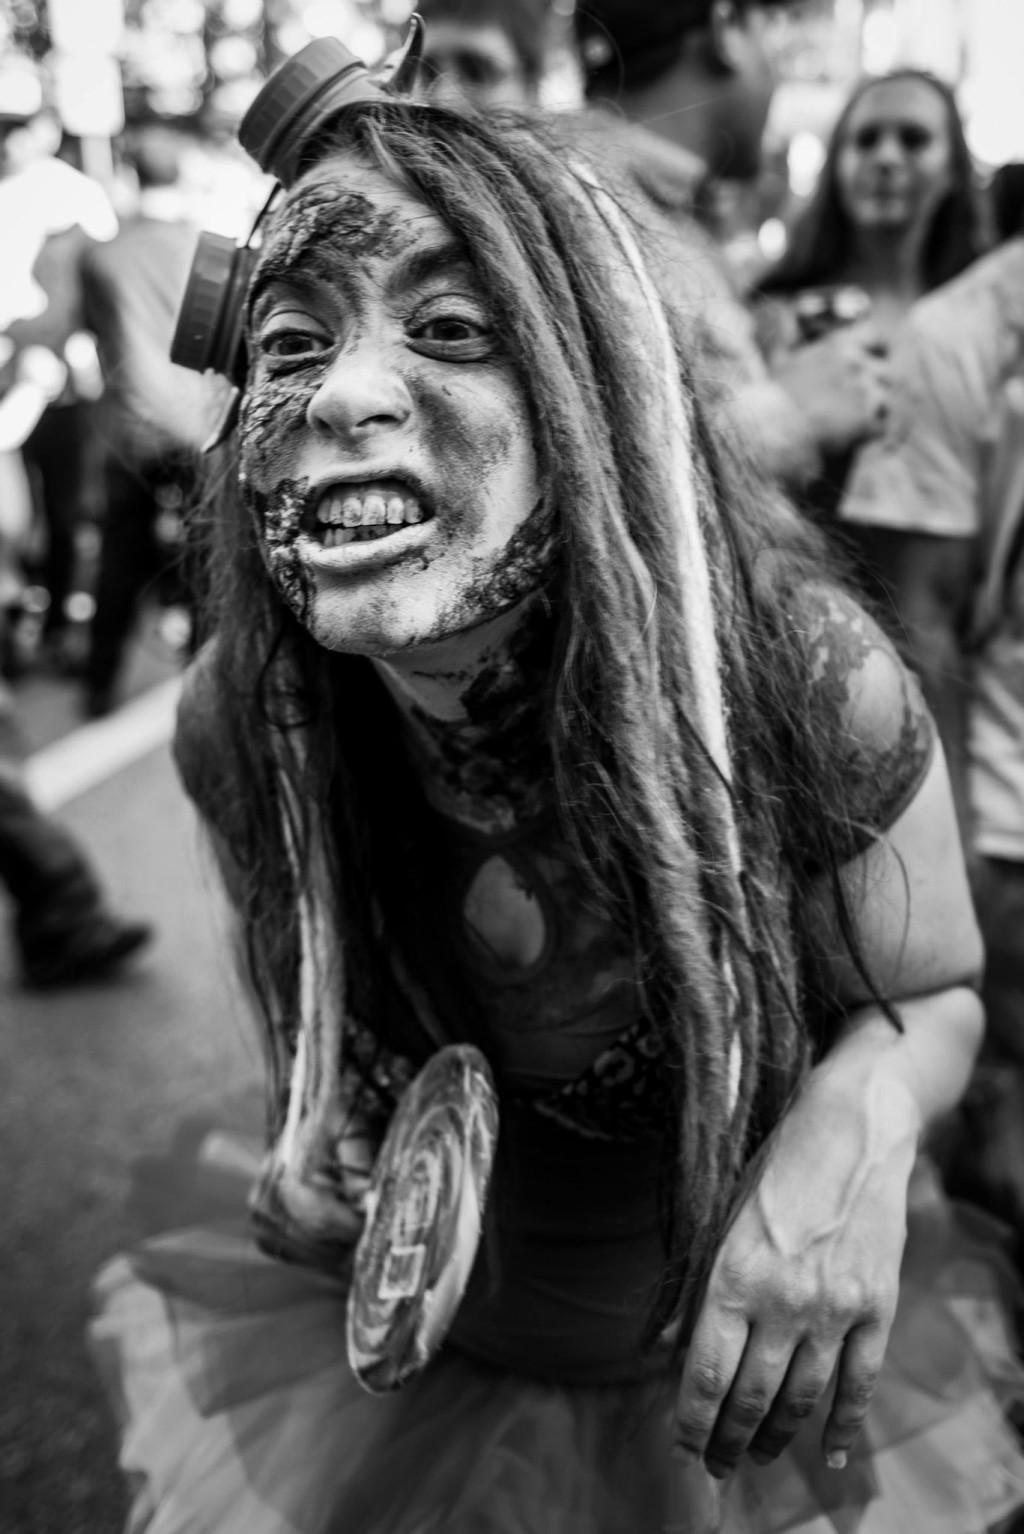 vancouver zombie walk 2014 scott hemenway 58